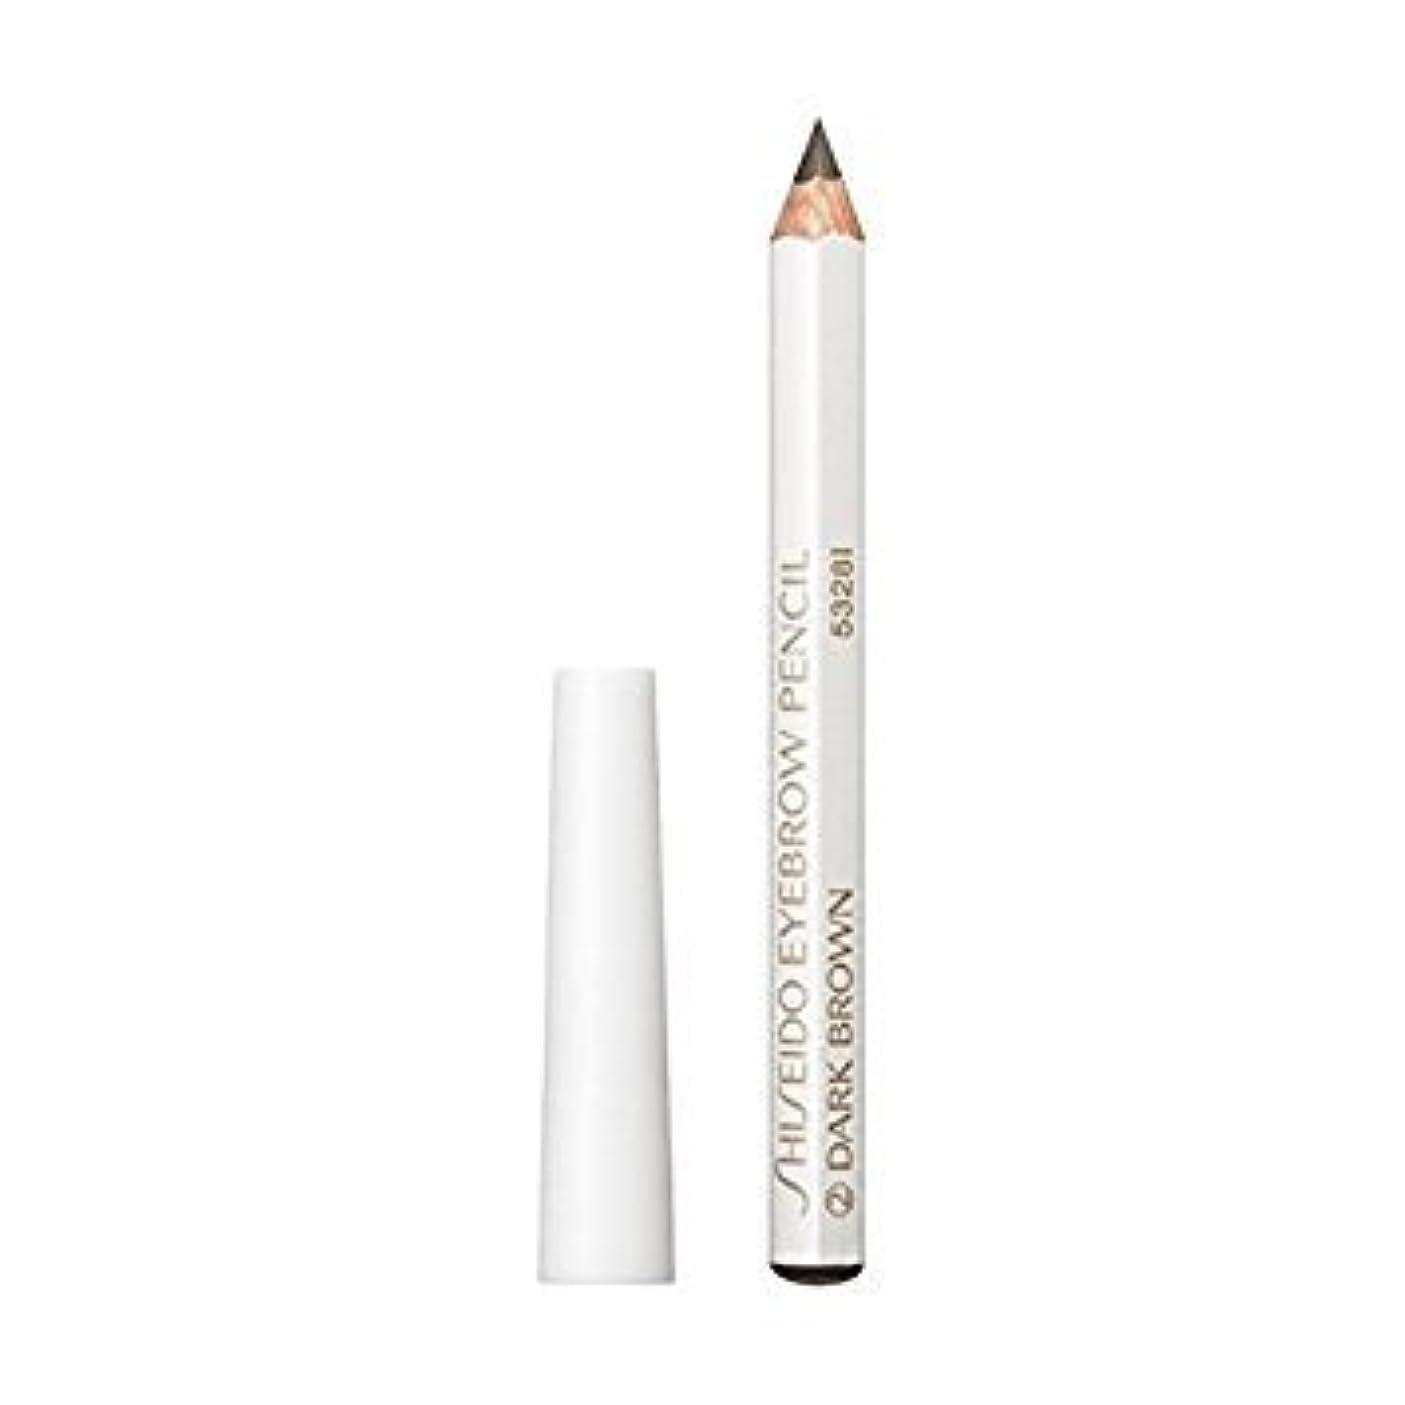 誤解を招く拘束する意味のある資生堂 眉墨鉛筆 No.2 3本